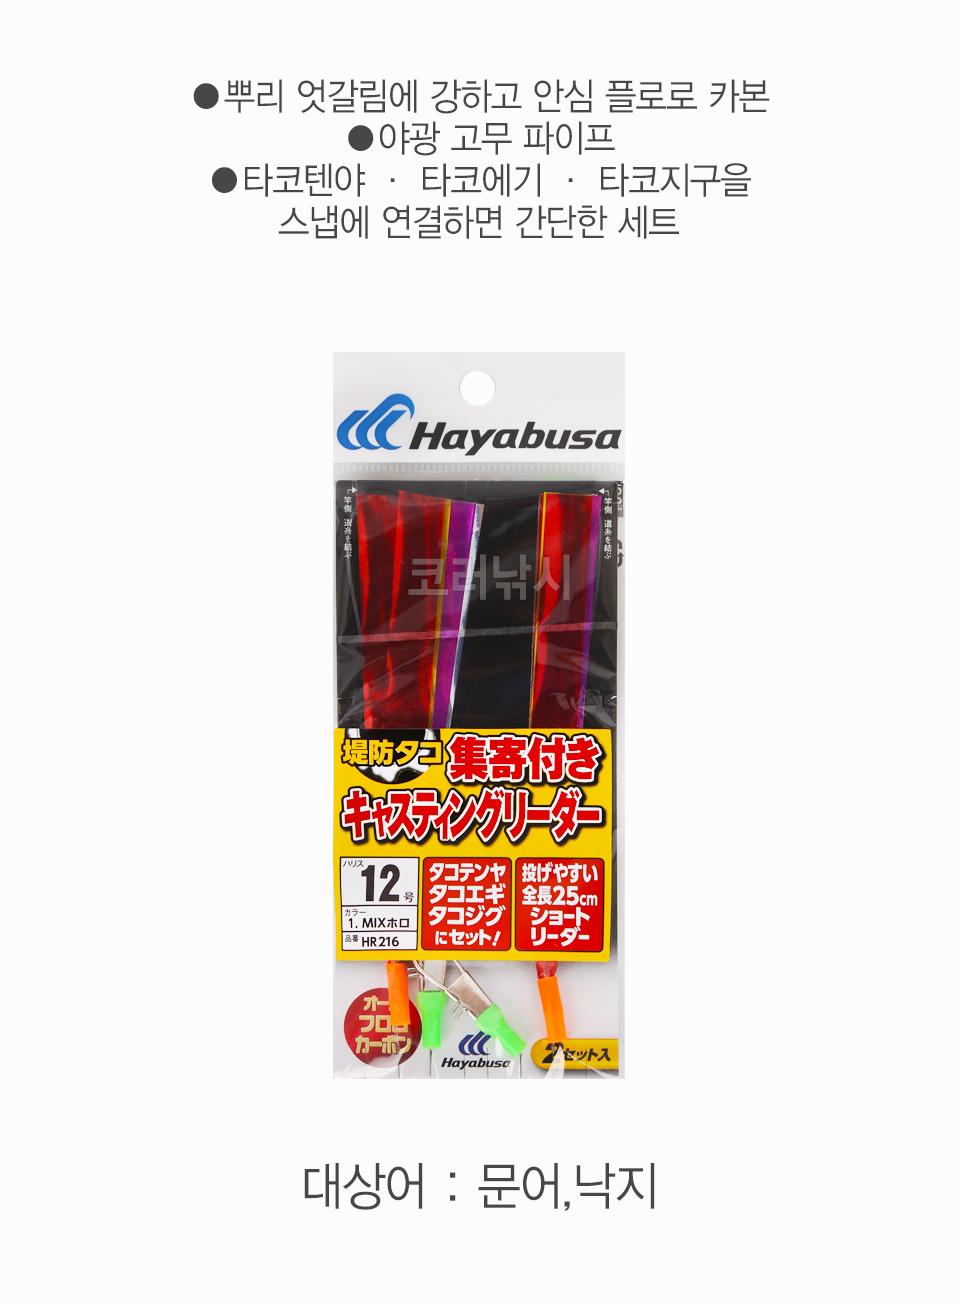 하야부사 제방타코 캐스팅리더 (HR216) (문어반짝이채비) 문어반짝이채비 문어집어용반짝이채비 문어낚시반짝이채비